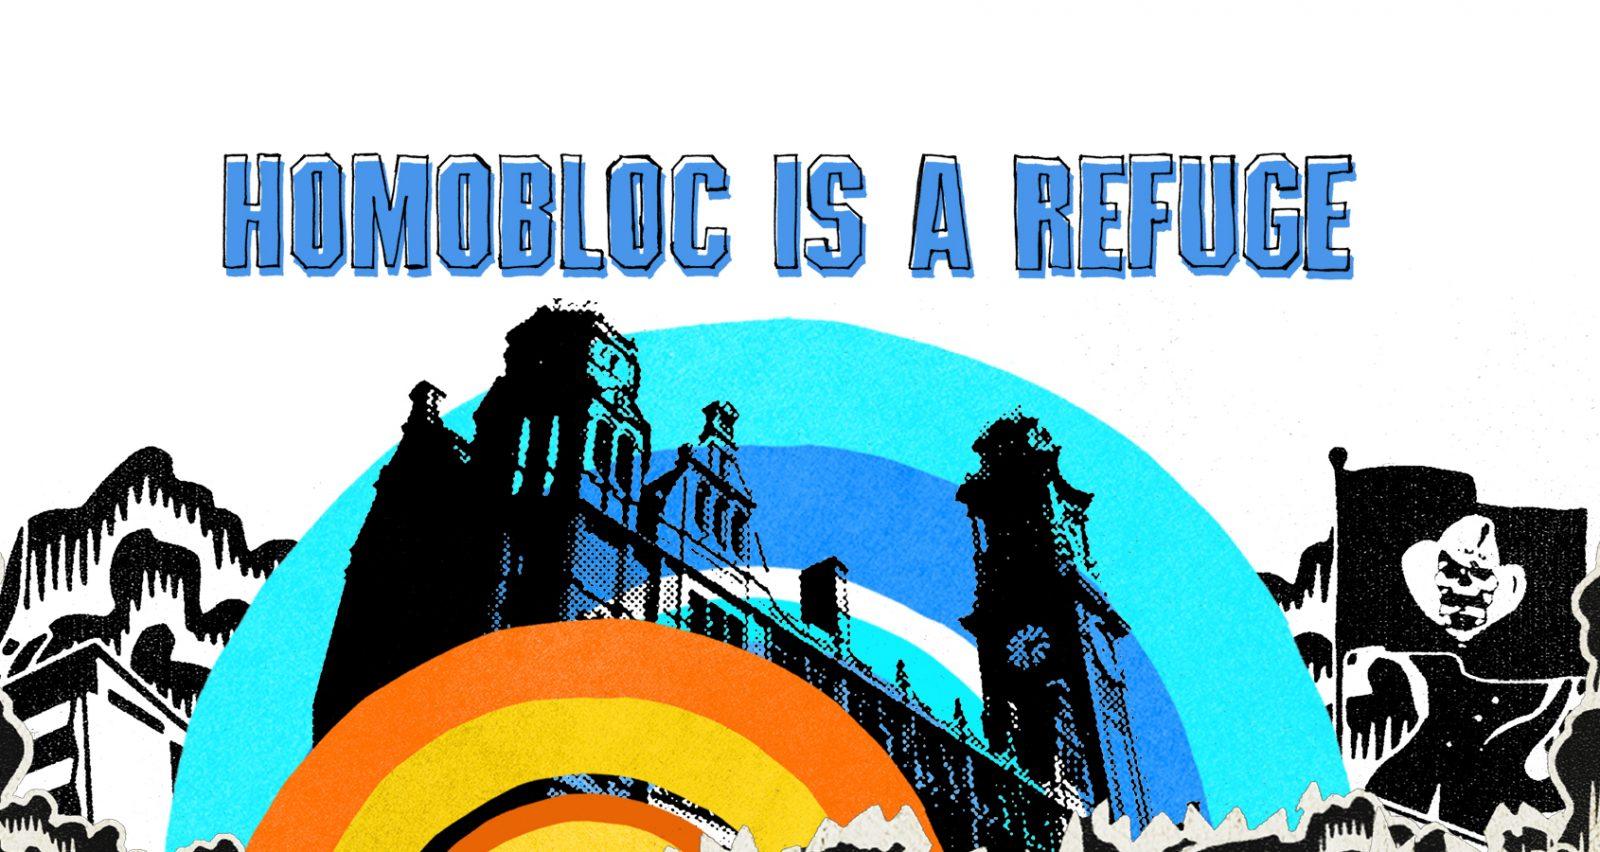 Homobloc is a Refuge